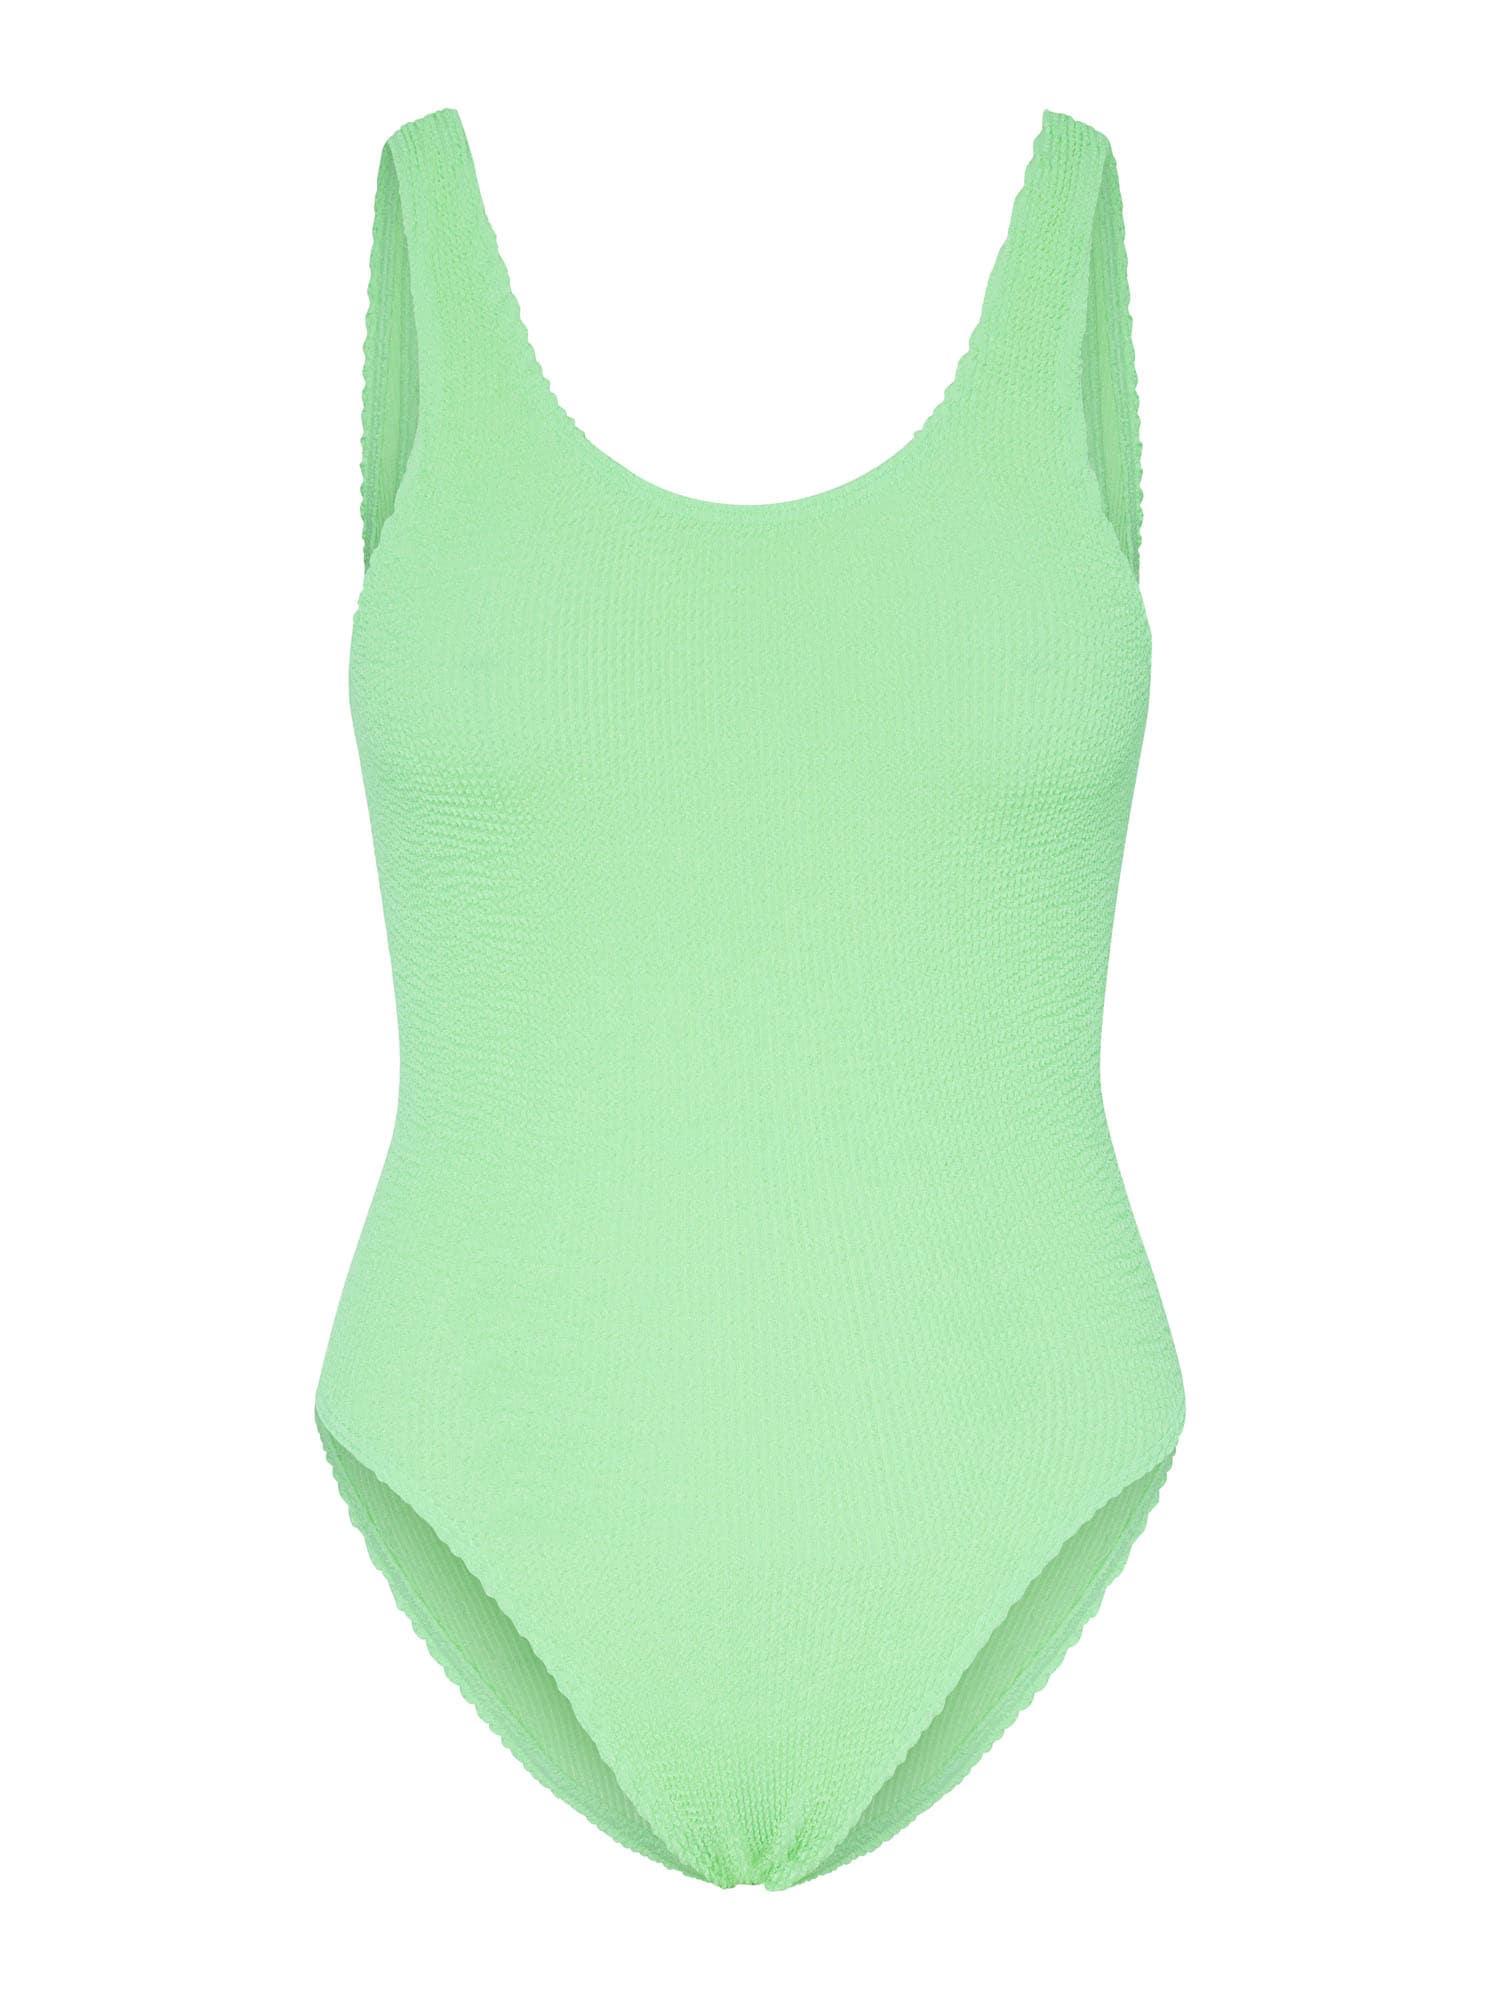 CHIEMSEE Sportinis maudymosi kostiumėlis žalia